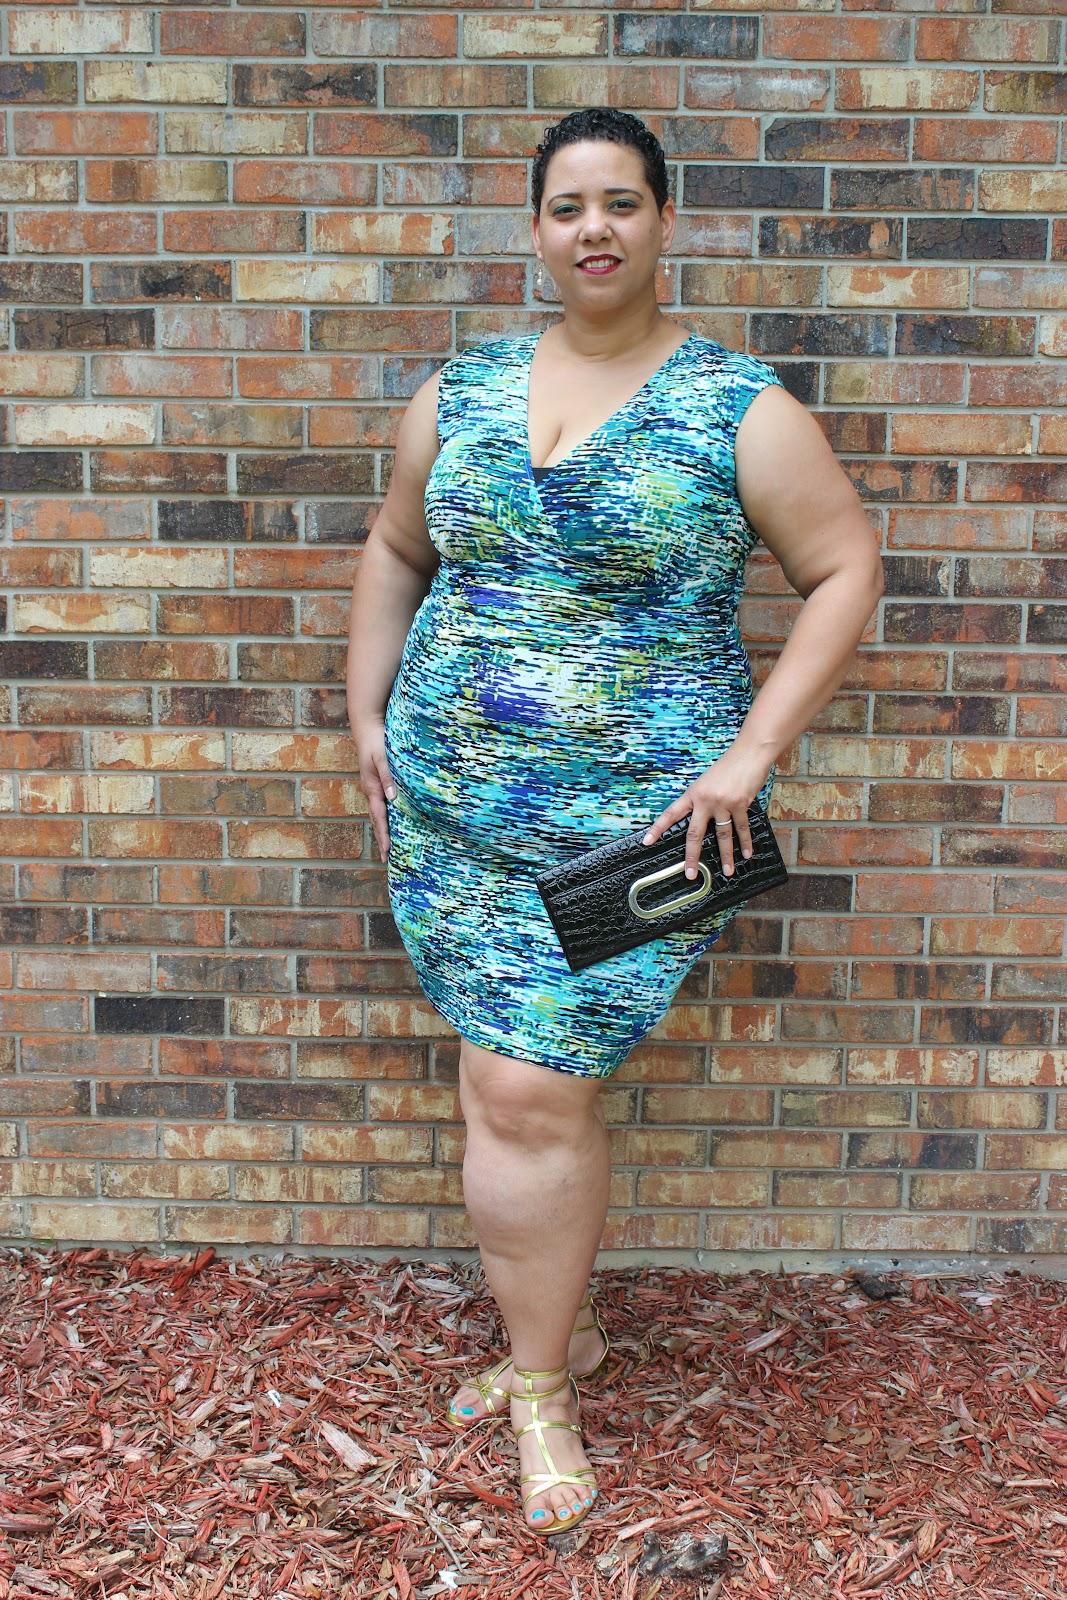 http://1.bp.blogspot.com/-2q4-byy27mE/UDGradRDvoI/AAAAAAAACWk/7WD8Dw7h0Z4/s1600/outfit+log+010.JPG